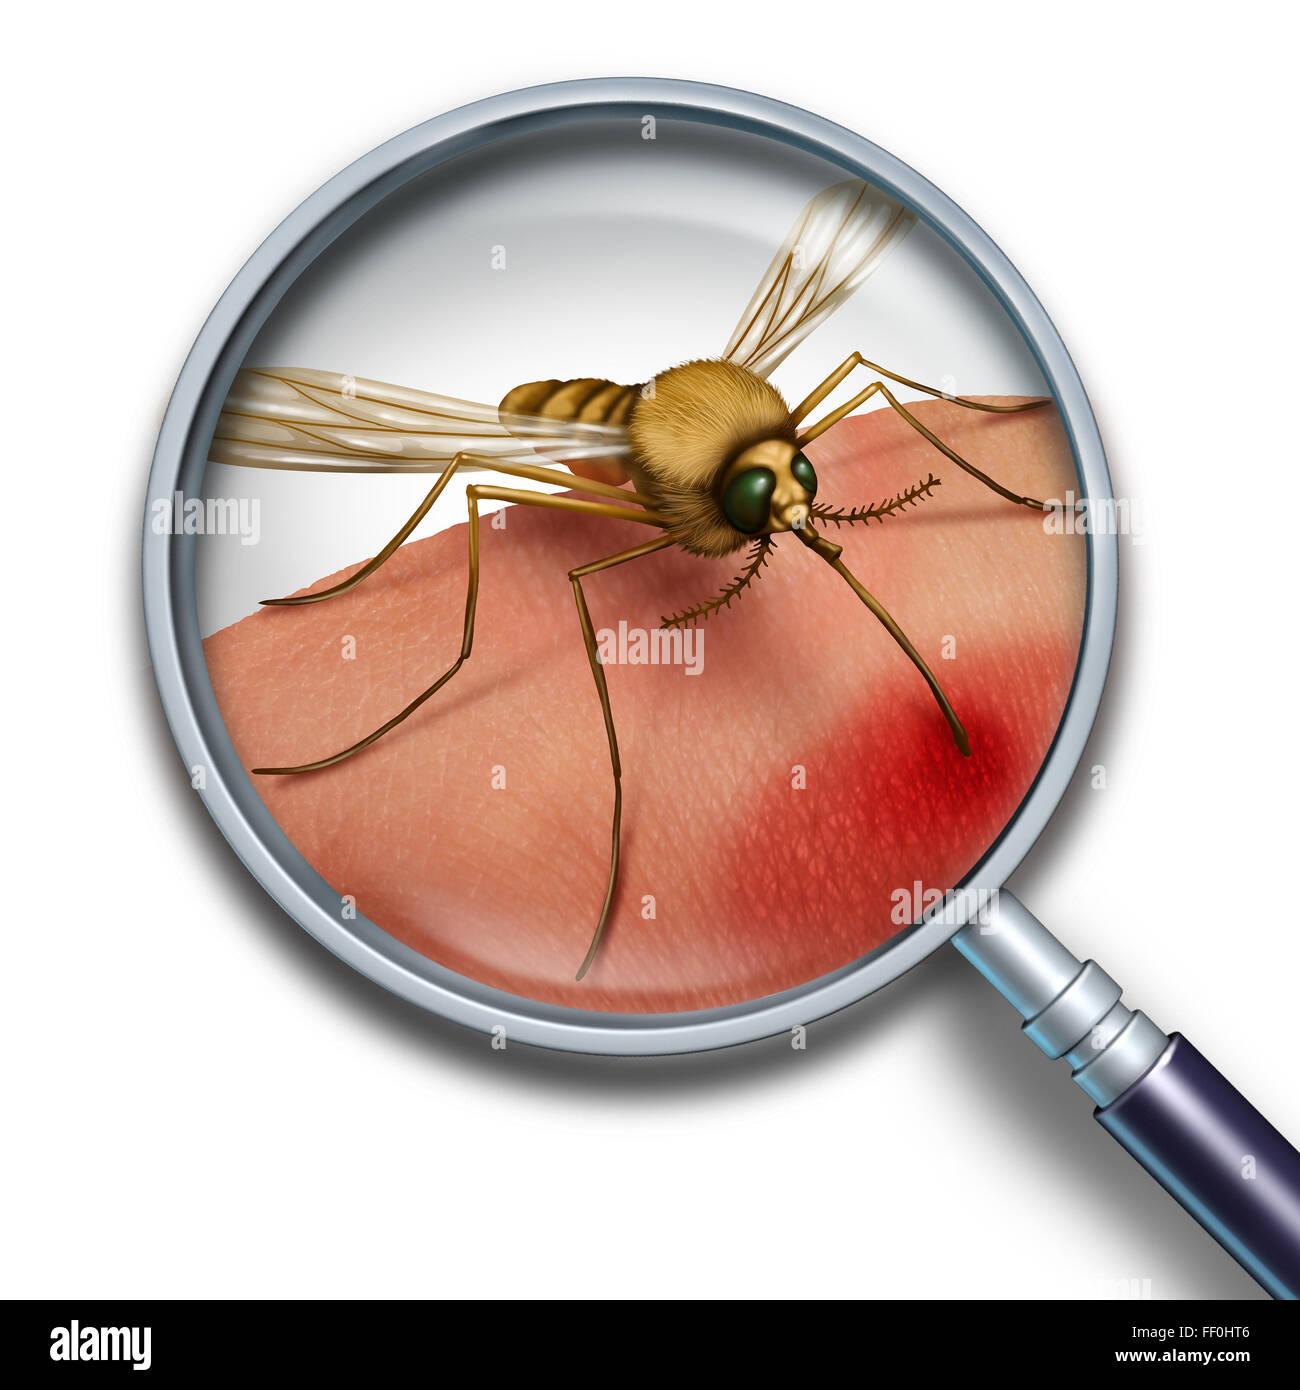 Moskito-Virus medizinisches Konzept hautnah mit einer Lupe und Zika Krankheit Risiko Symbol als ein Insekt beißt Stockbild